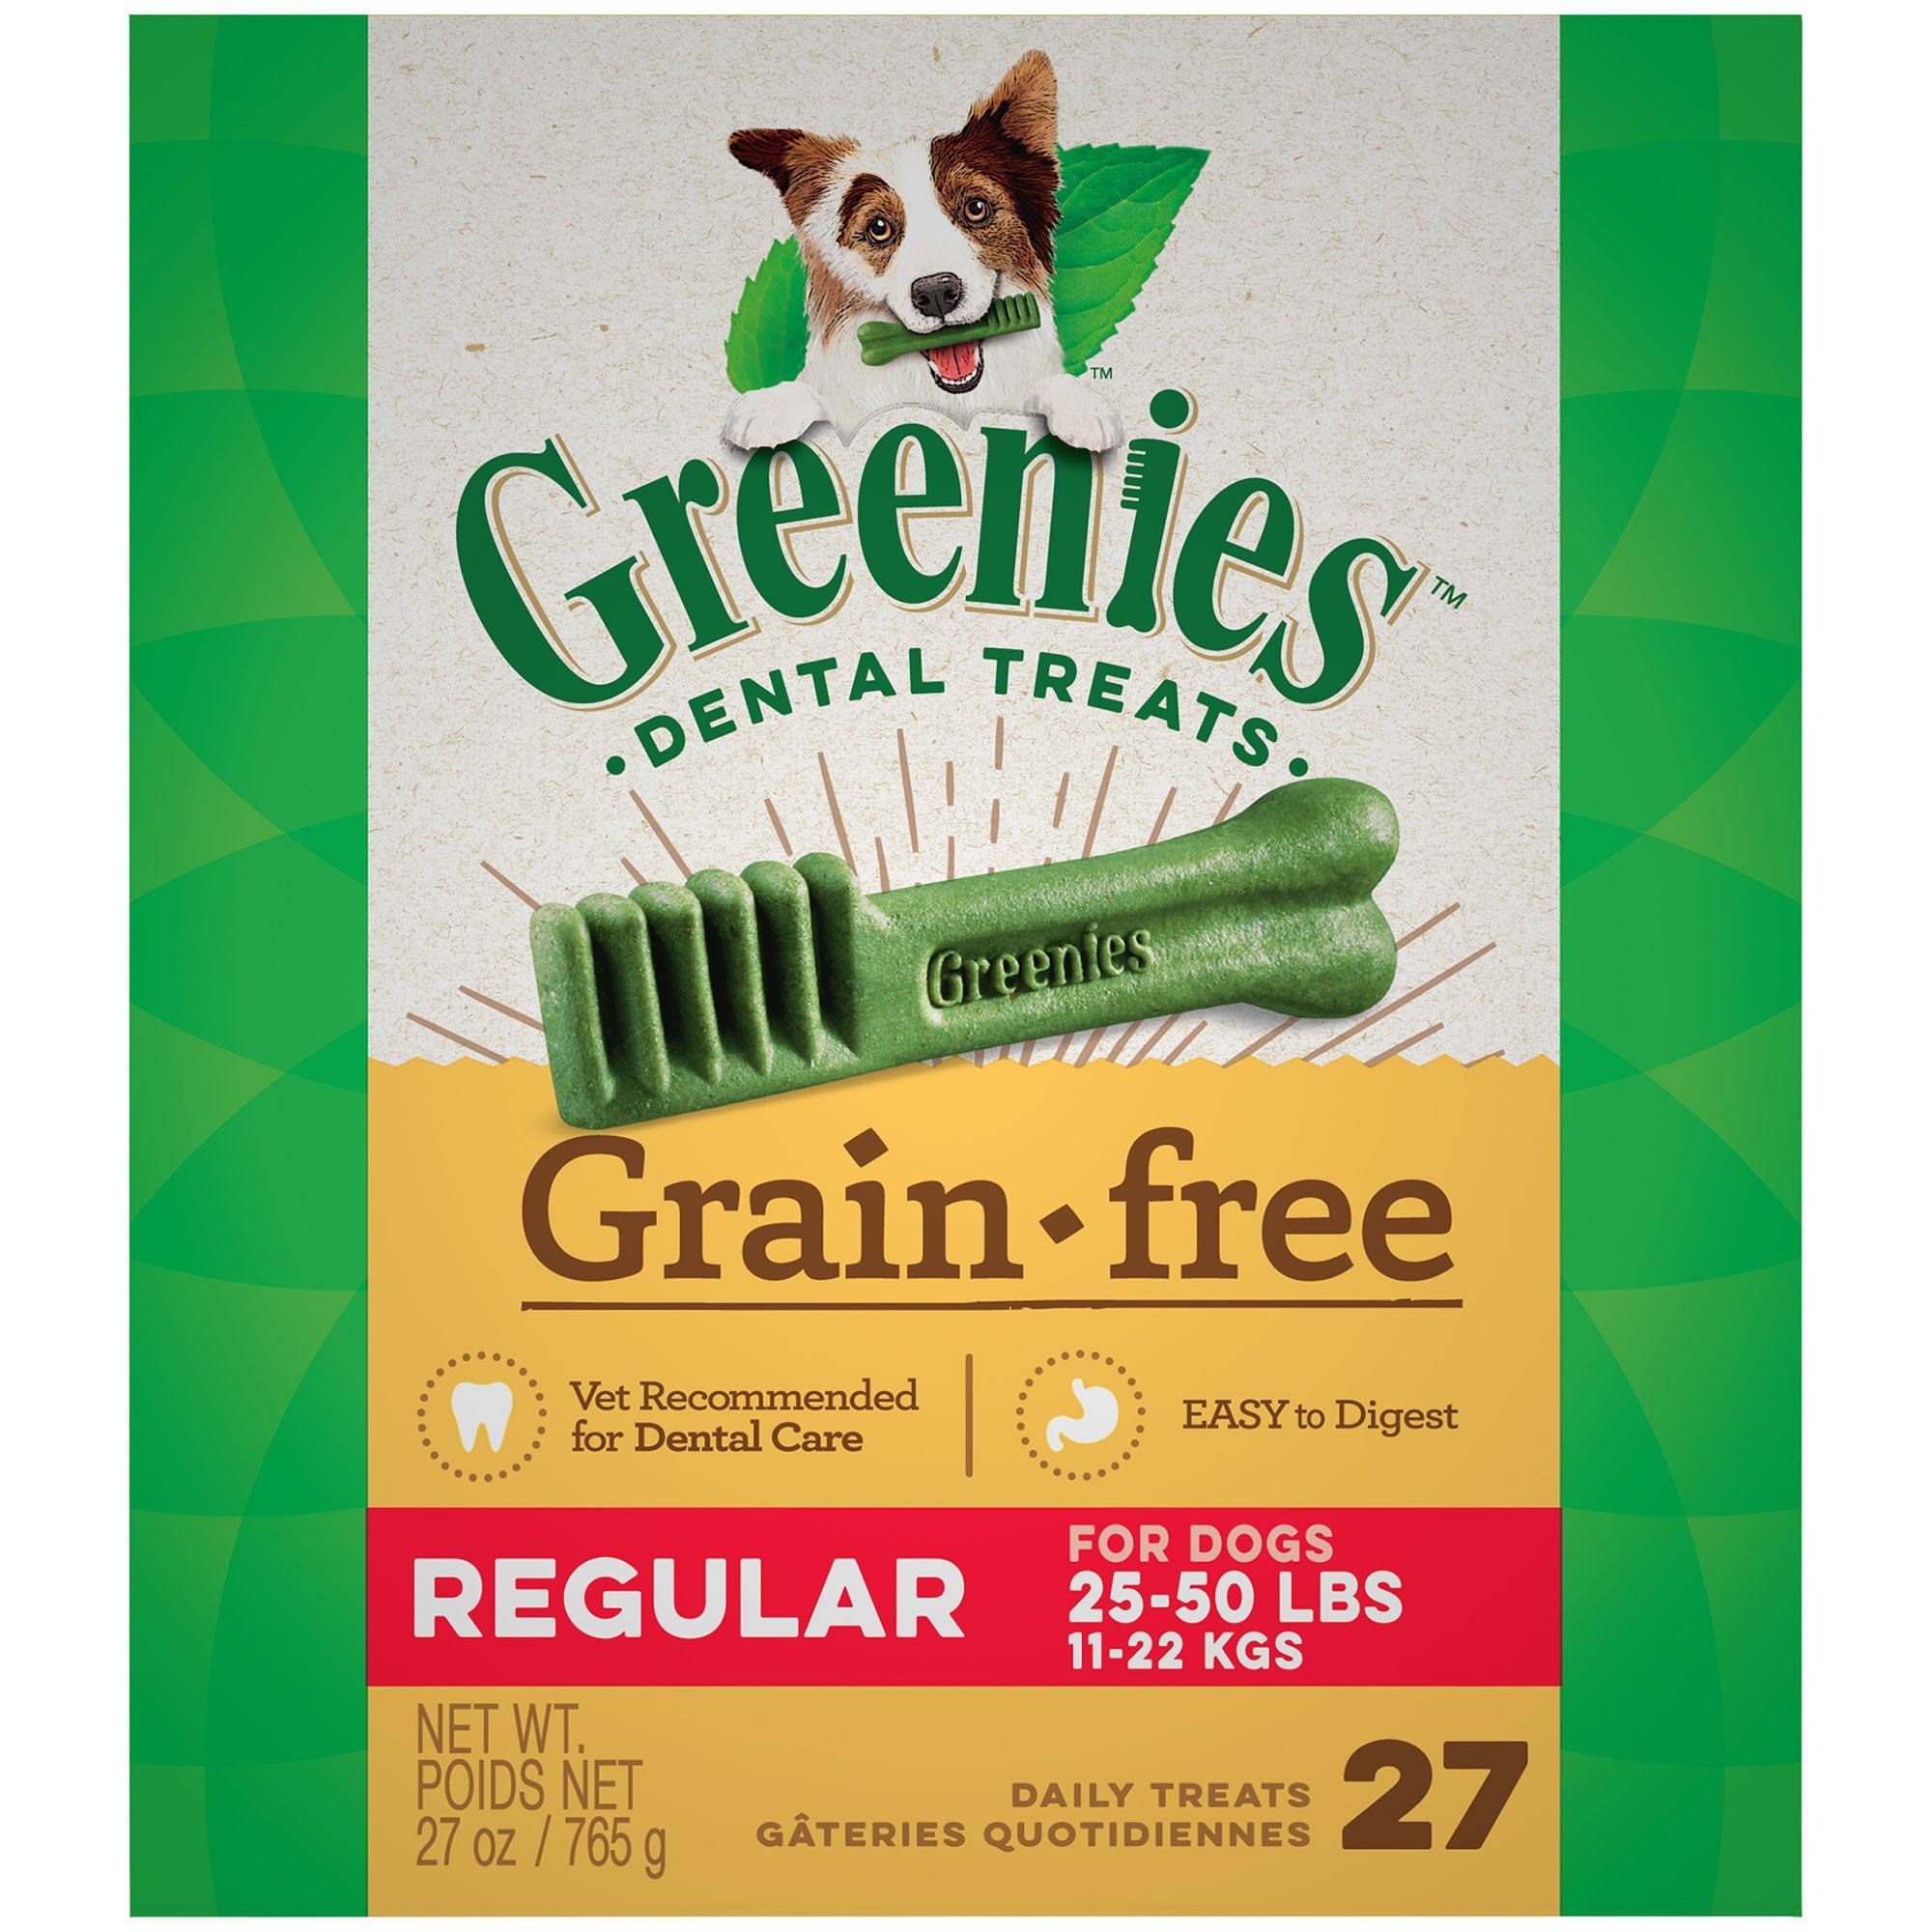 Greenies Grain Free Regular Dental Treats